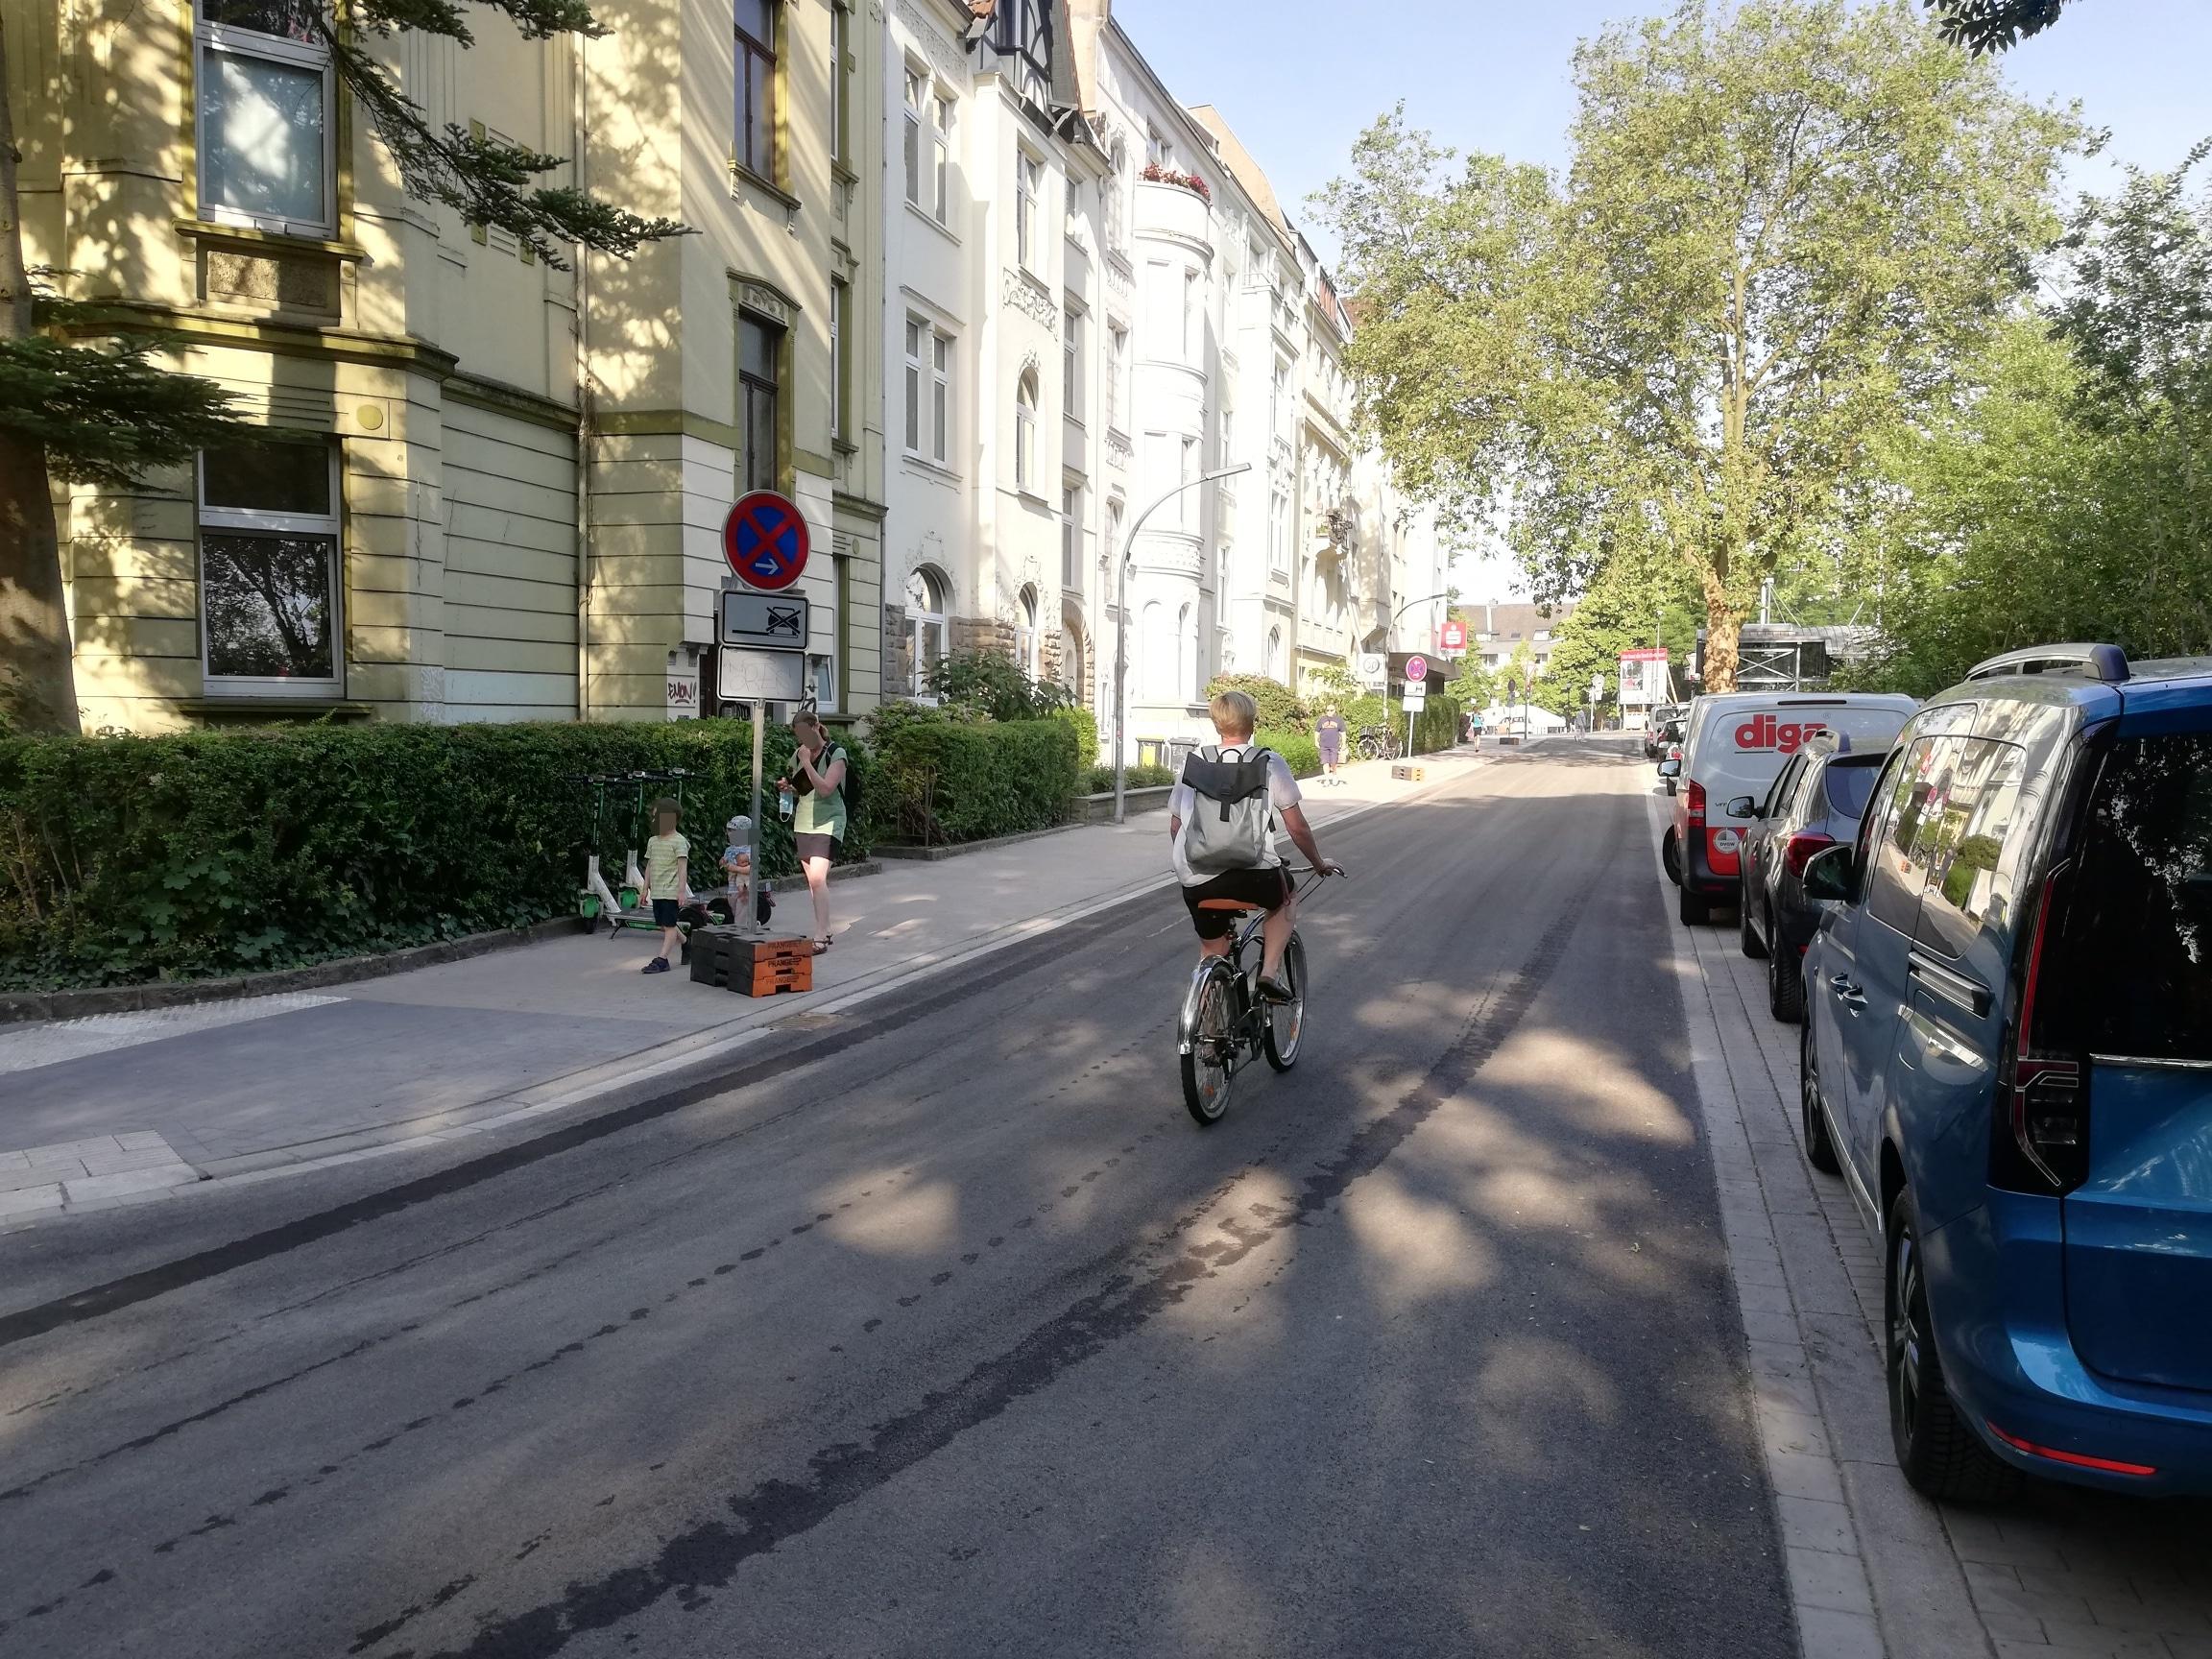 Radschnellweg Ruhr (RS1) – Freigabe erster Teilabschnitte im Kreuzviertel – Markierungen und Beschilderung folgen